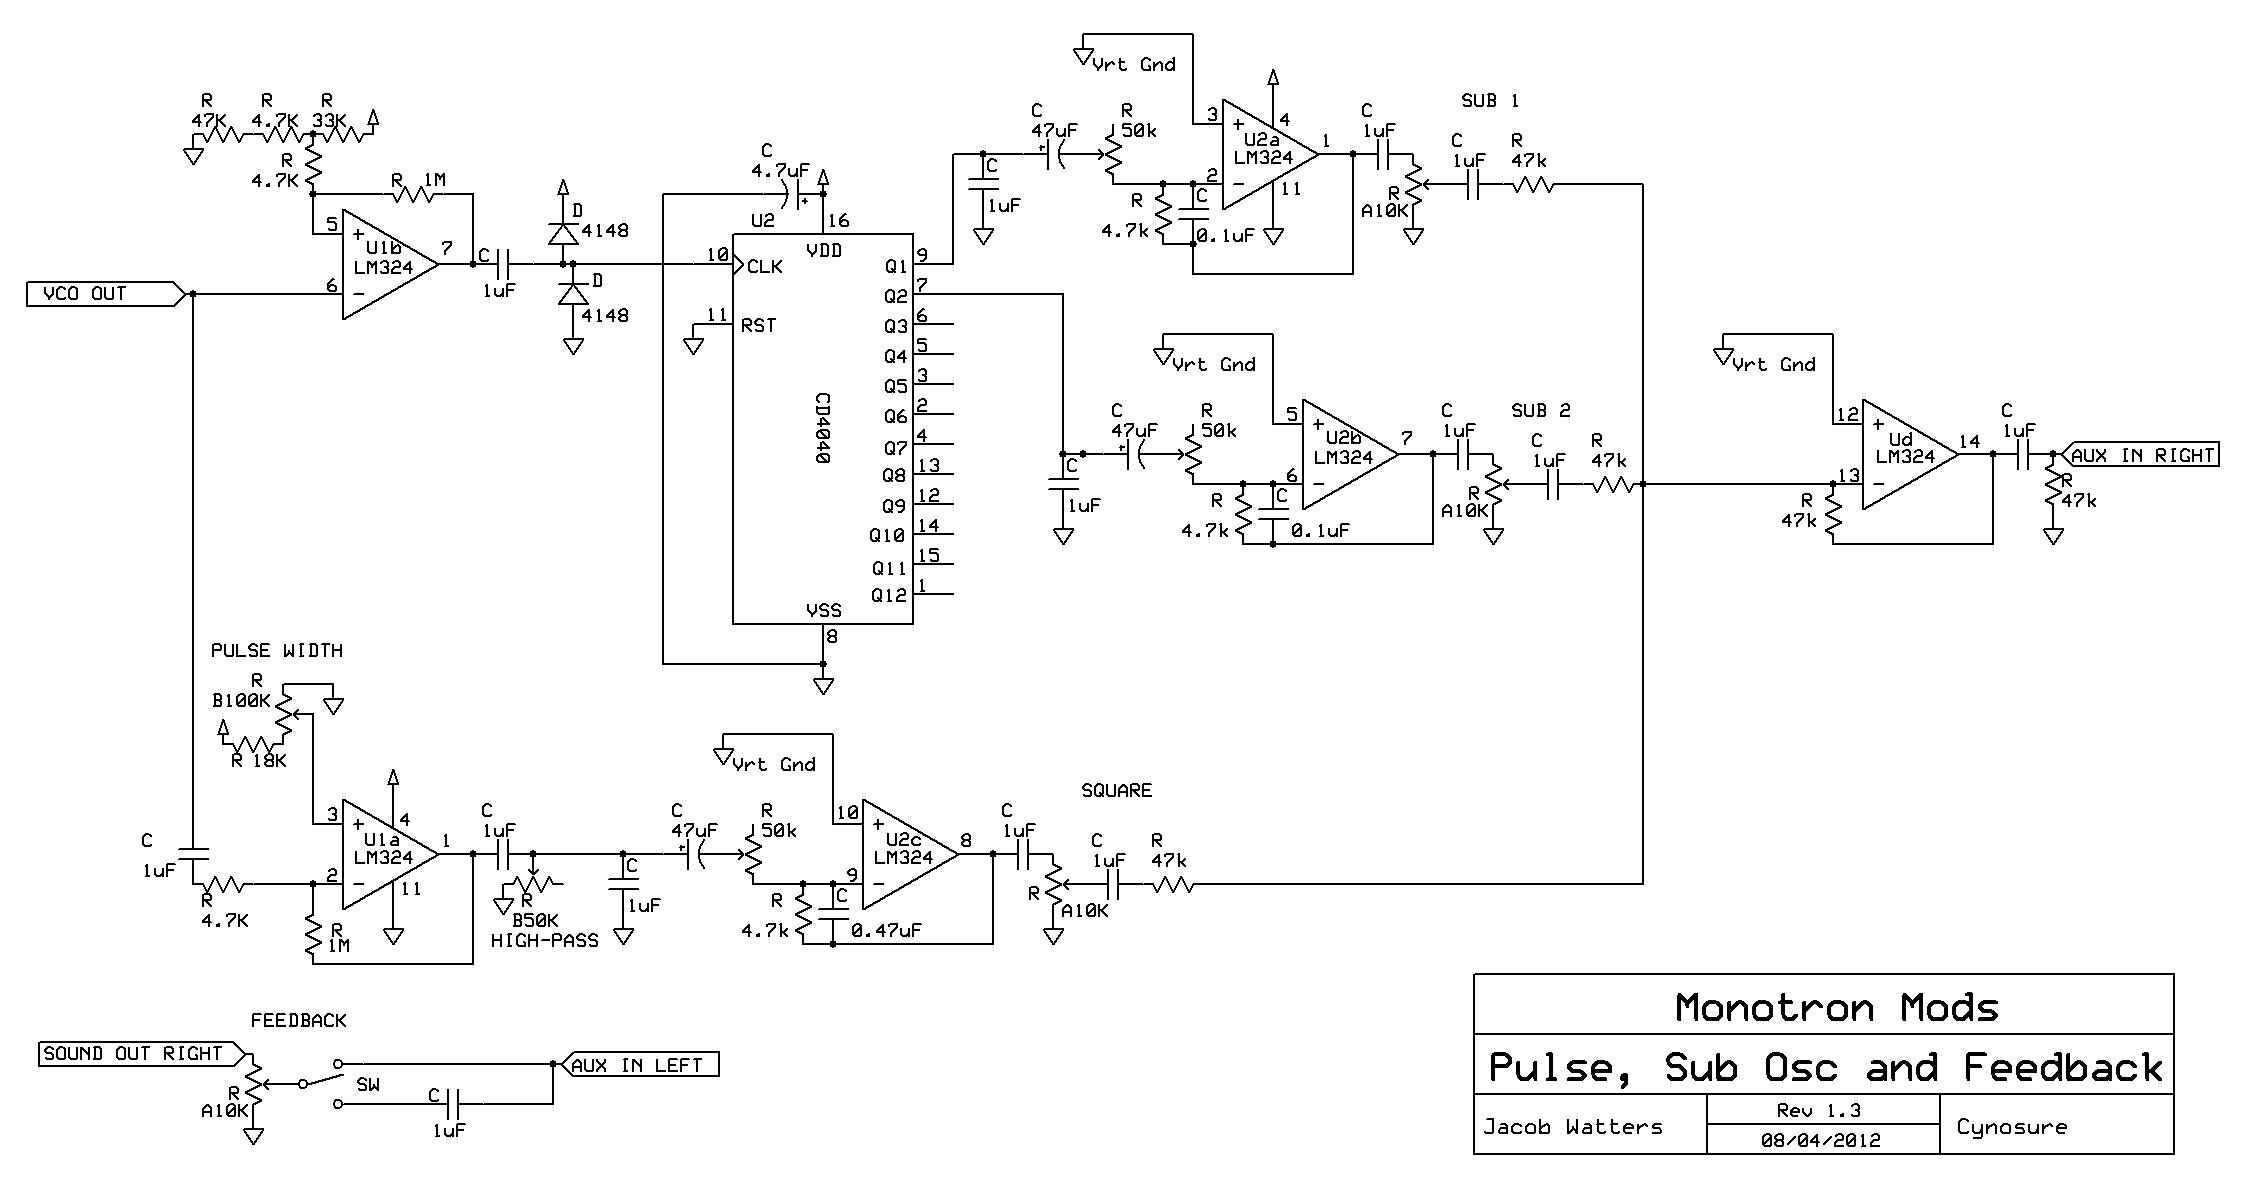 on korg monotron schematic